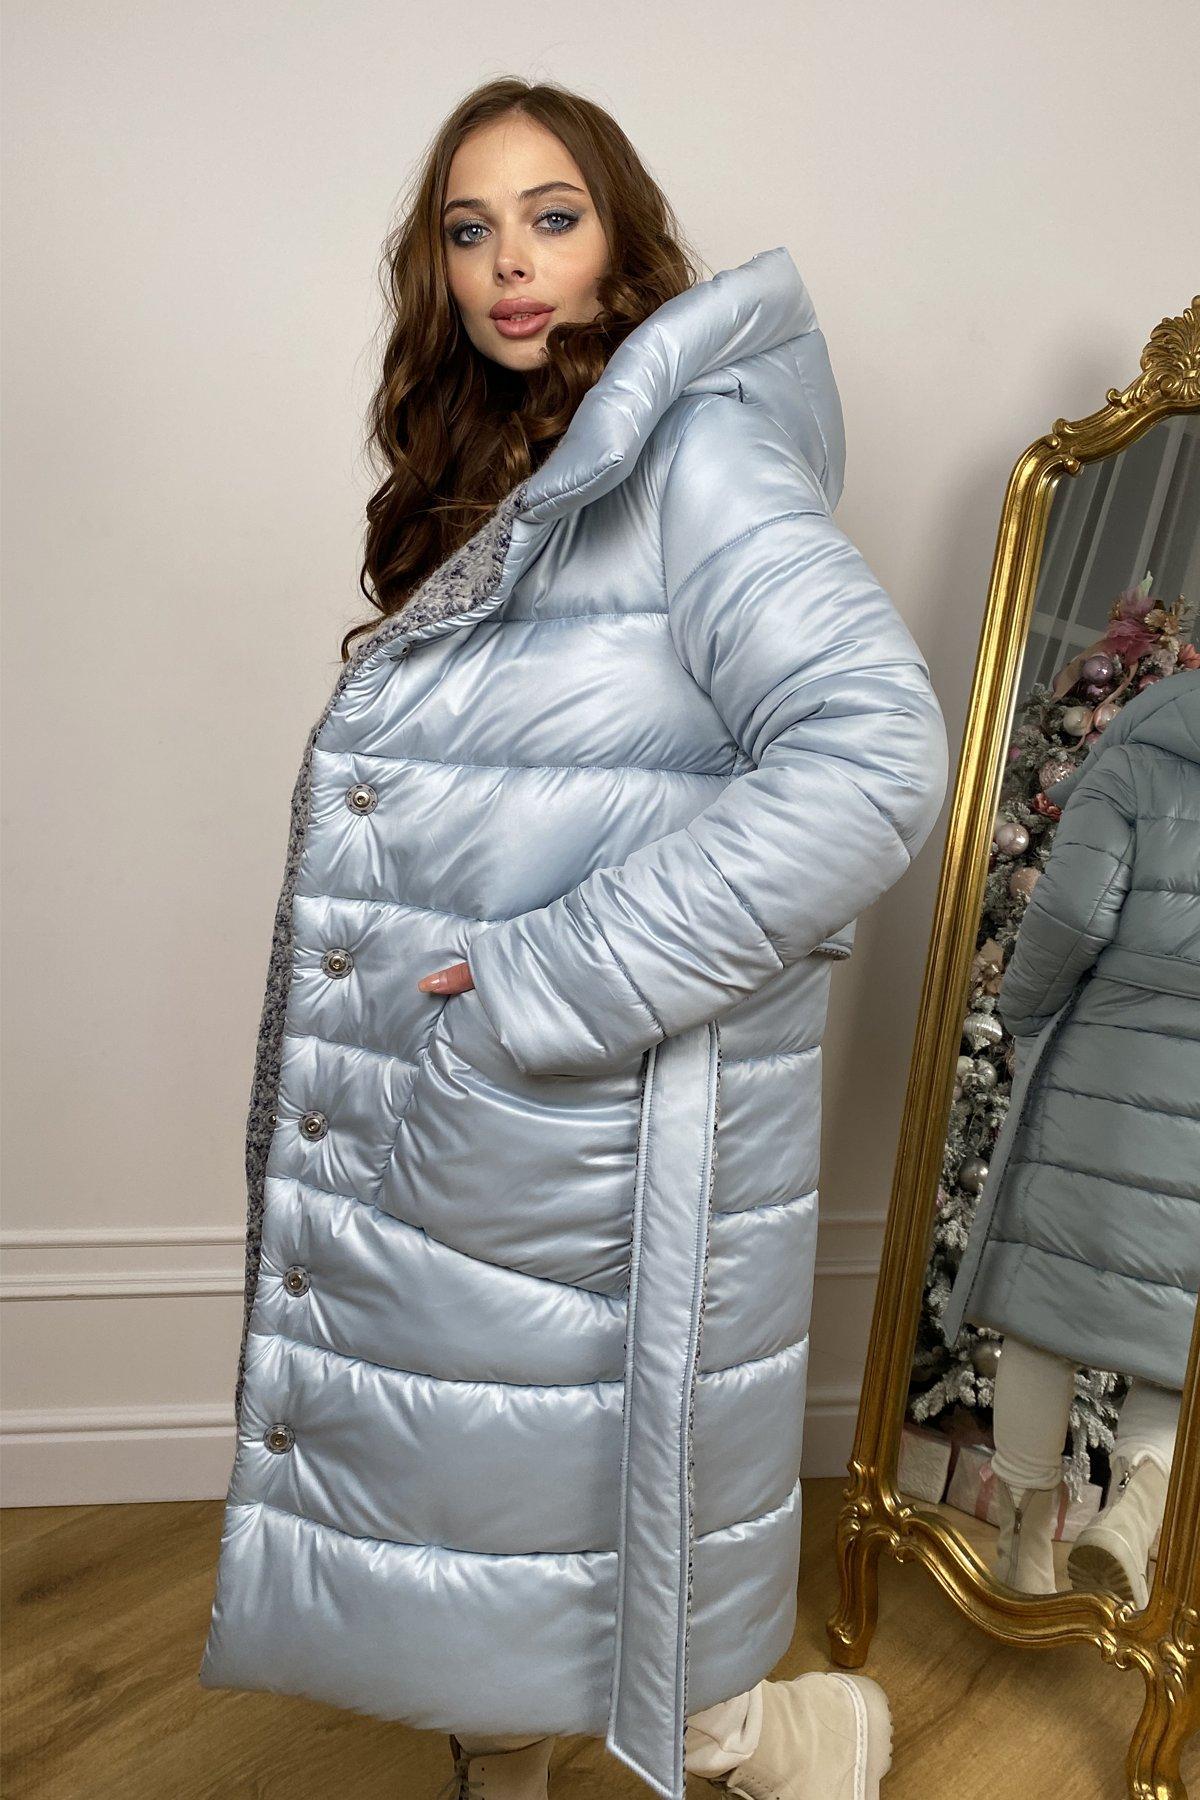 Бристоль плащевка стеганое пальто зима 10099 АРТ. 46407 Цвет: голубой/серый/голубой - фото 3, интернет магазин tm-modus.ru